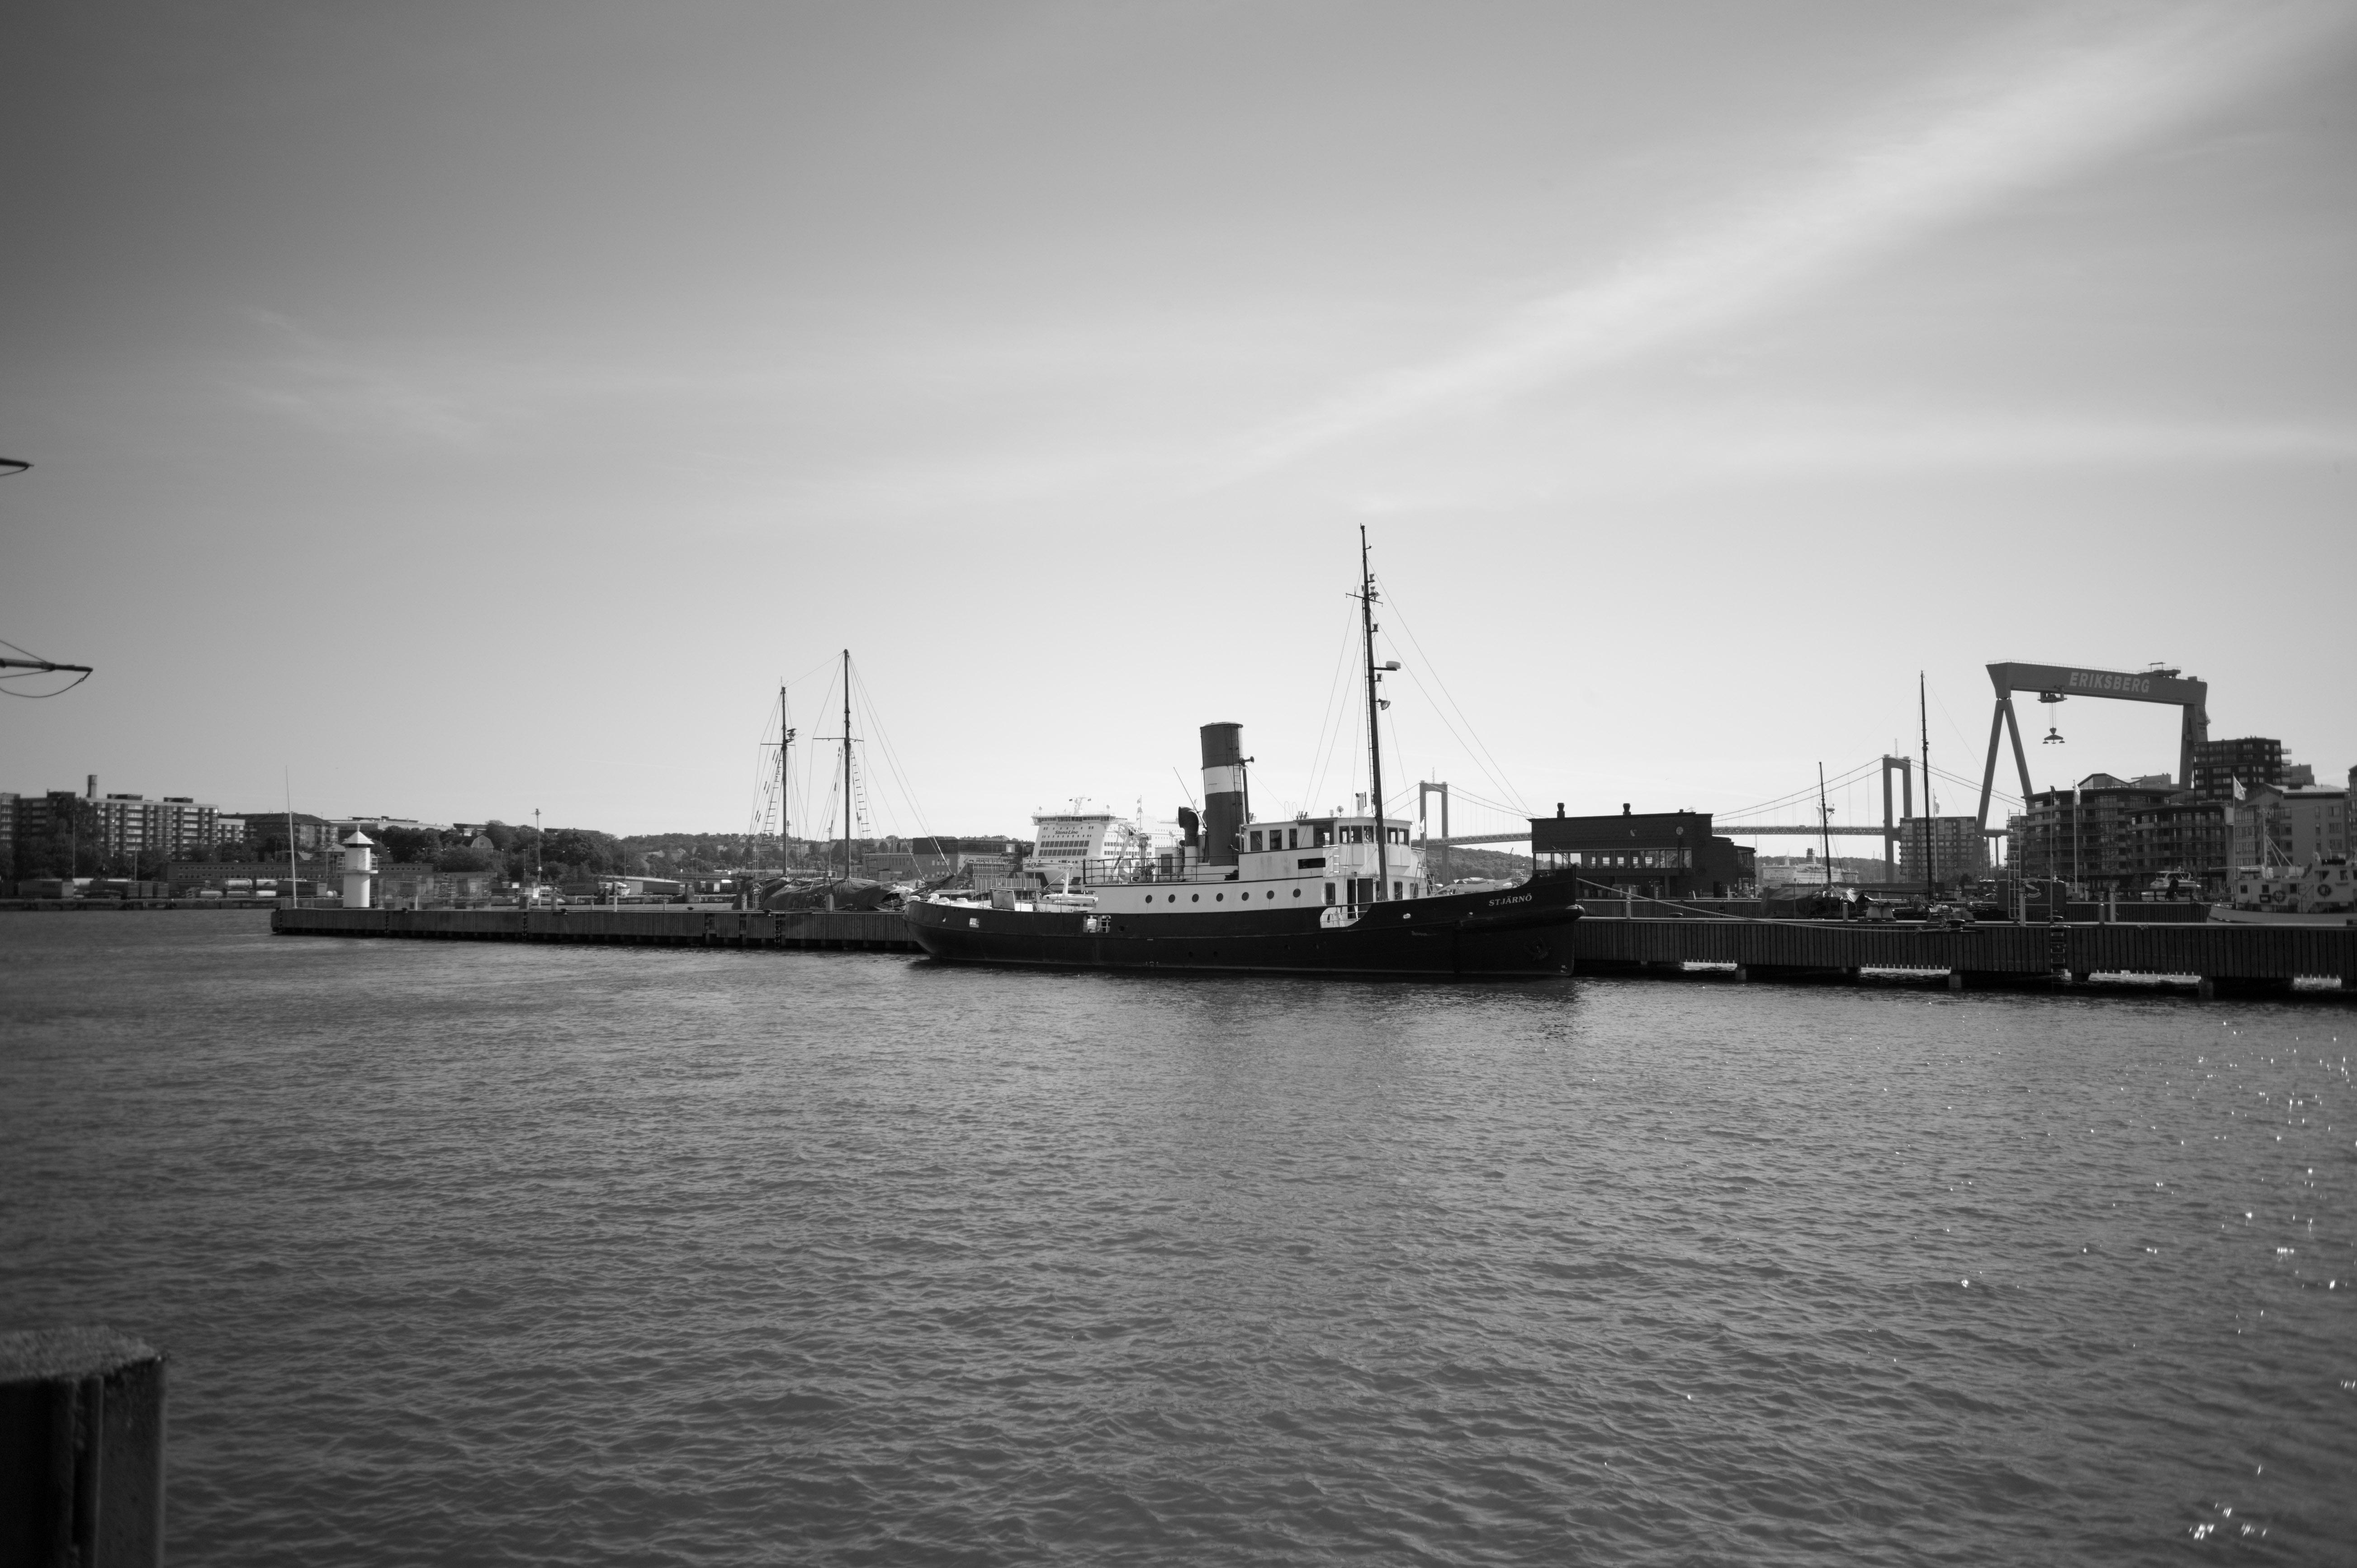 Eriksberg harbor at Eriksberg harbor (Gothenburg, Sweden) with Leica M Monochrom (Leica Summaron-M 28mm f/5.6) by Magnus Andersson (photography.anderssoneklund.se) at 2019-05-31 16:54:20